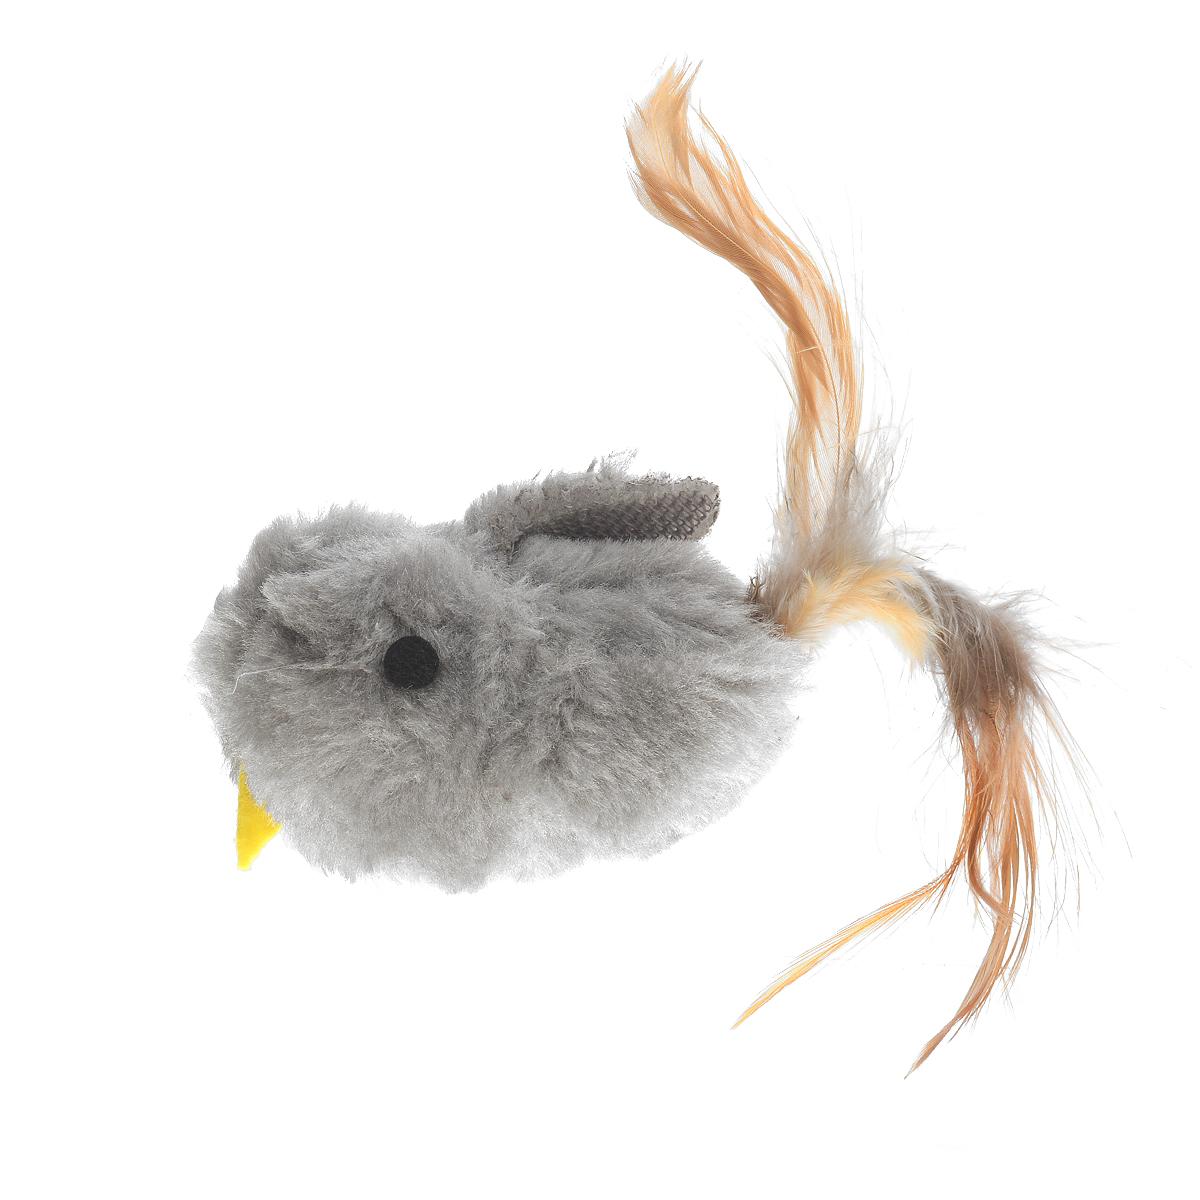 Игрушка для кошки V.I.Pet Птичка, с мятой, цвет: серый игрушка для кошки